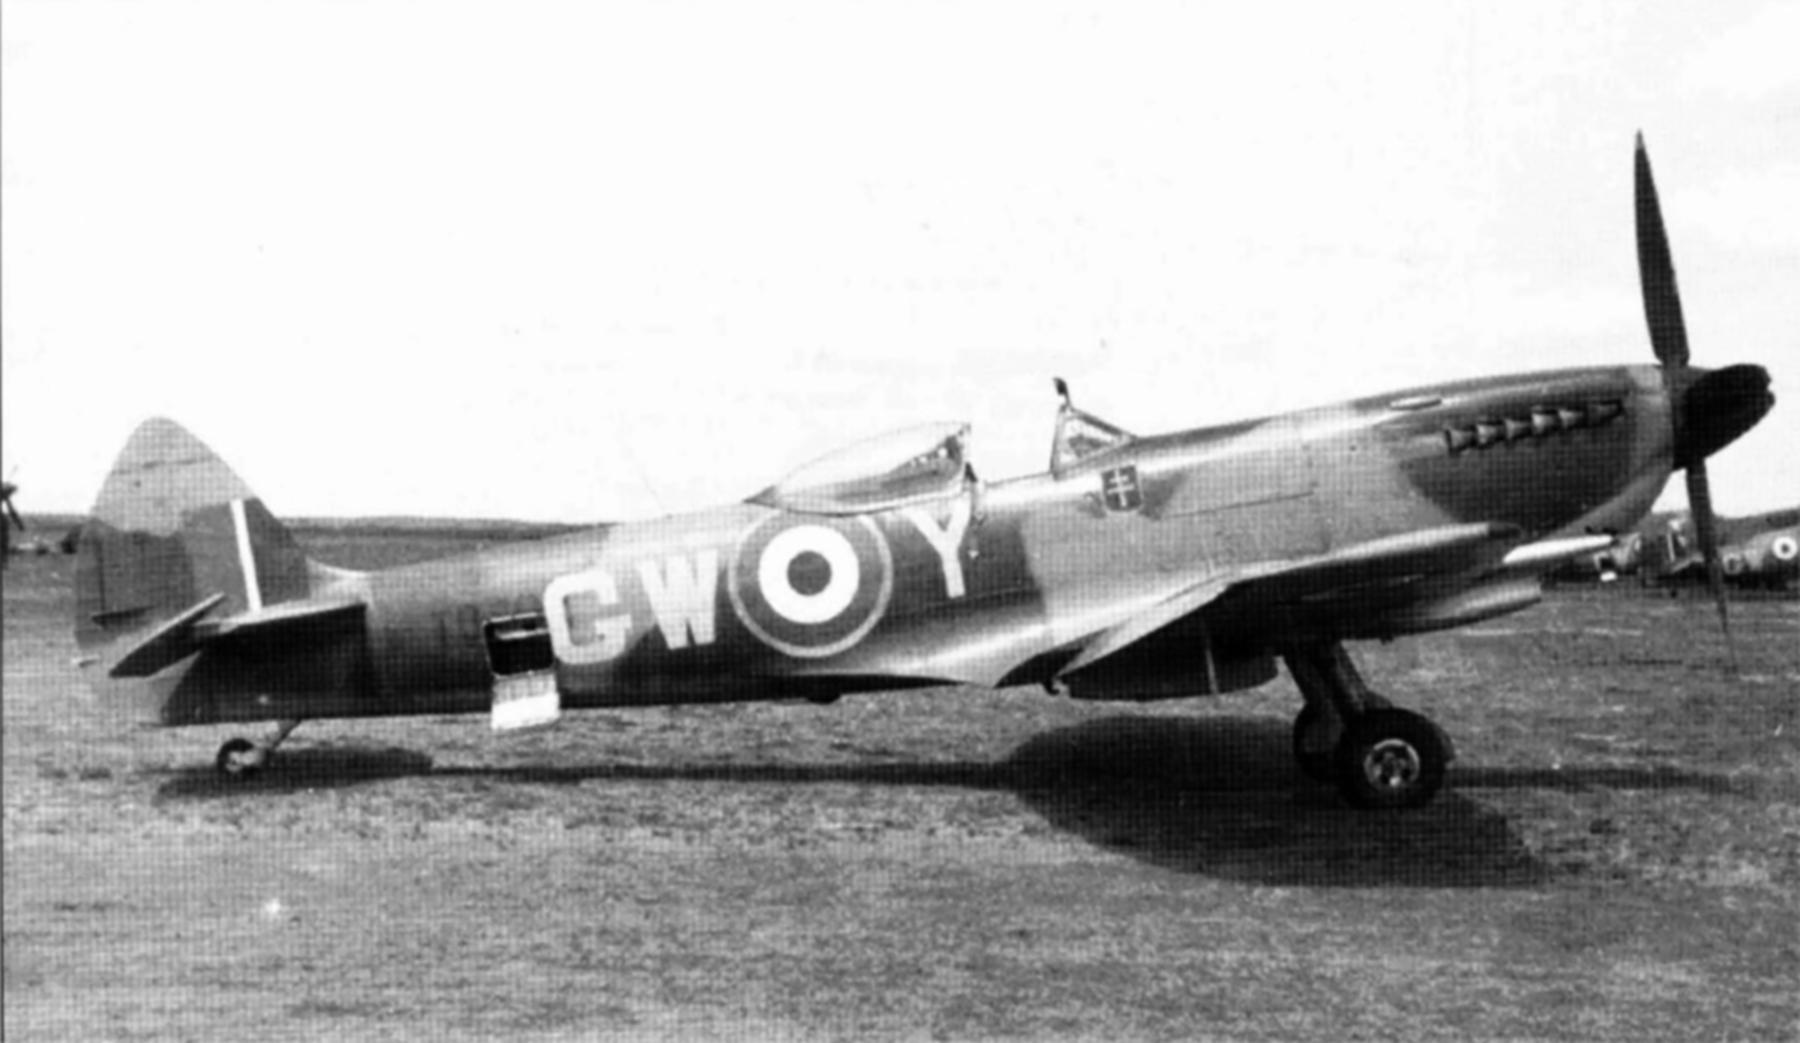 Spitfire LFXVI RAF 340Sqn GC4.2 GWY TB702 Linge Drope Germany 1945 01